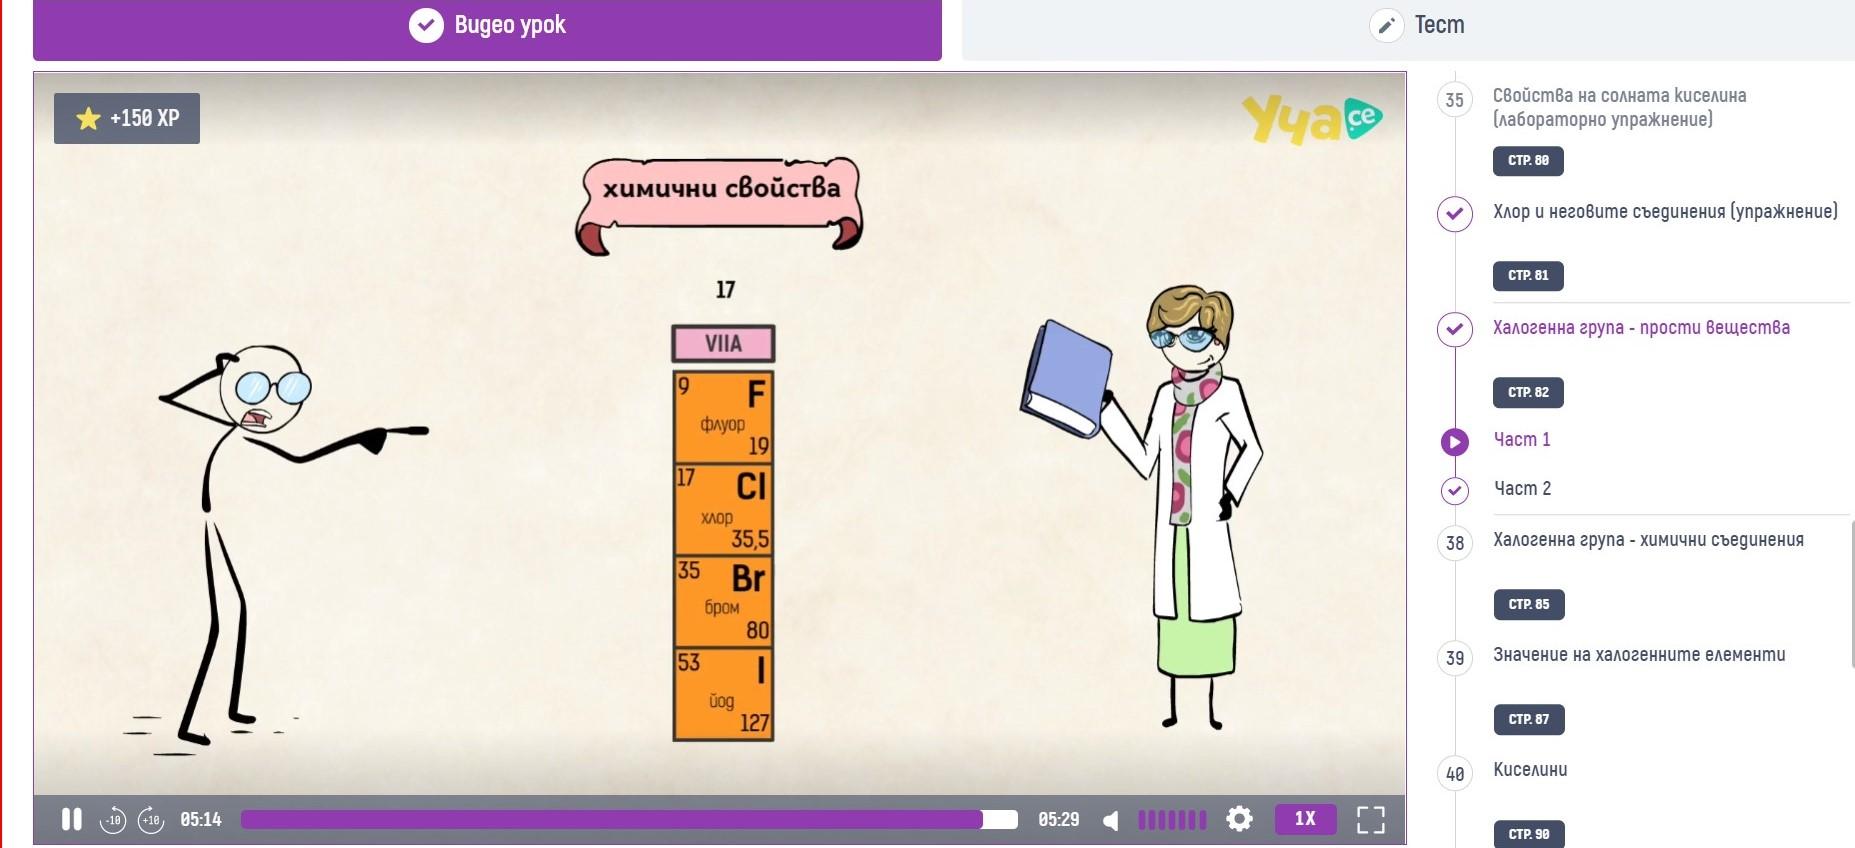 Уча.се е най-награждаваният образователен сайт в България